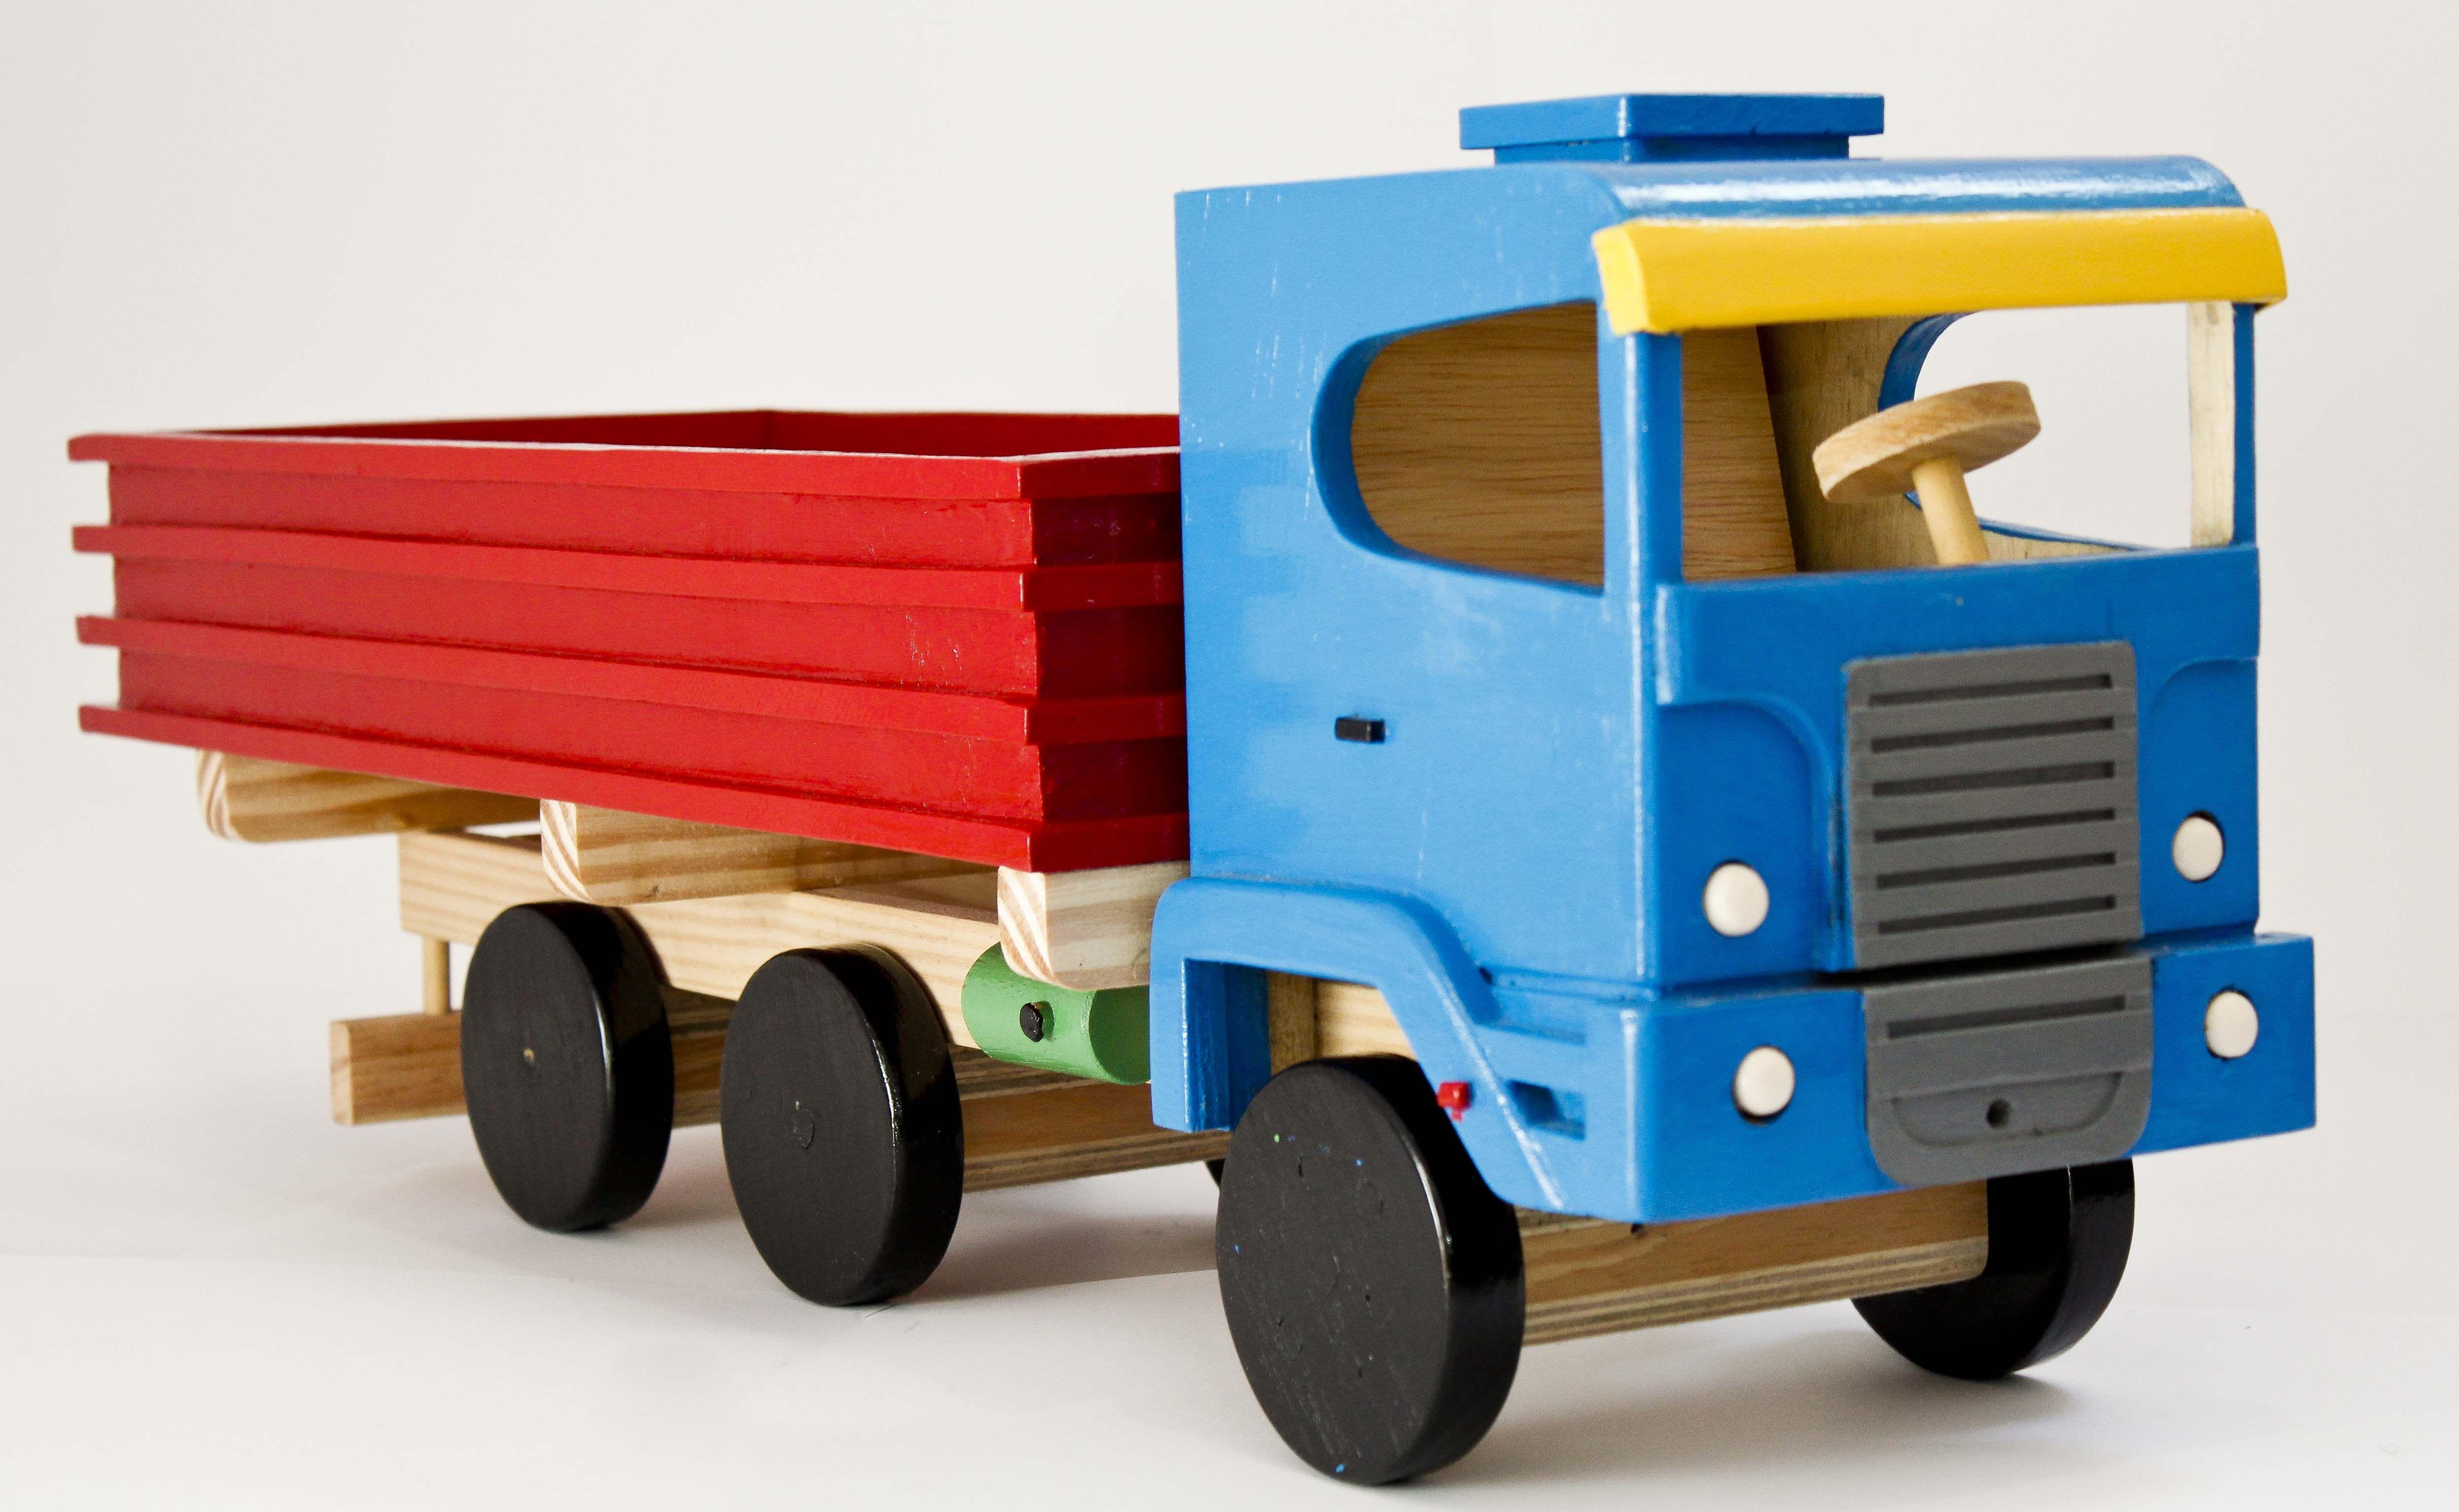 Toys car and truck  Caminhão de brinquedo em madeira  toys  Pinterest  Wood toys Toy